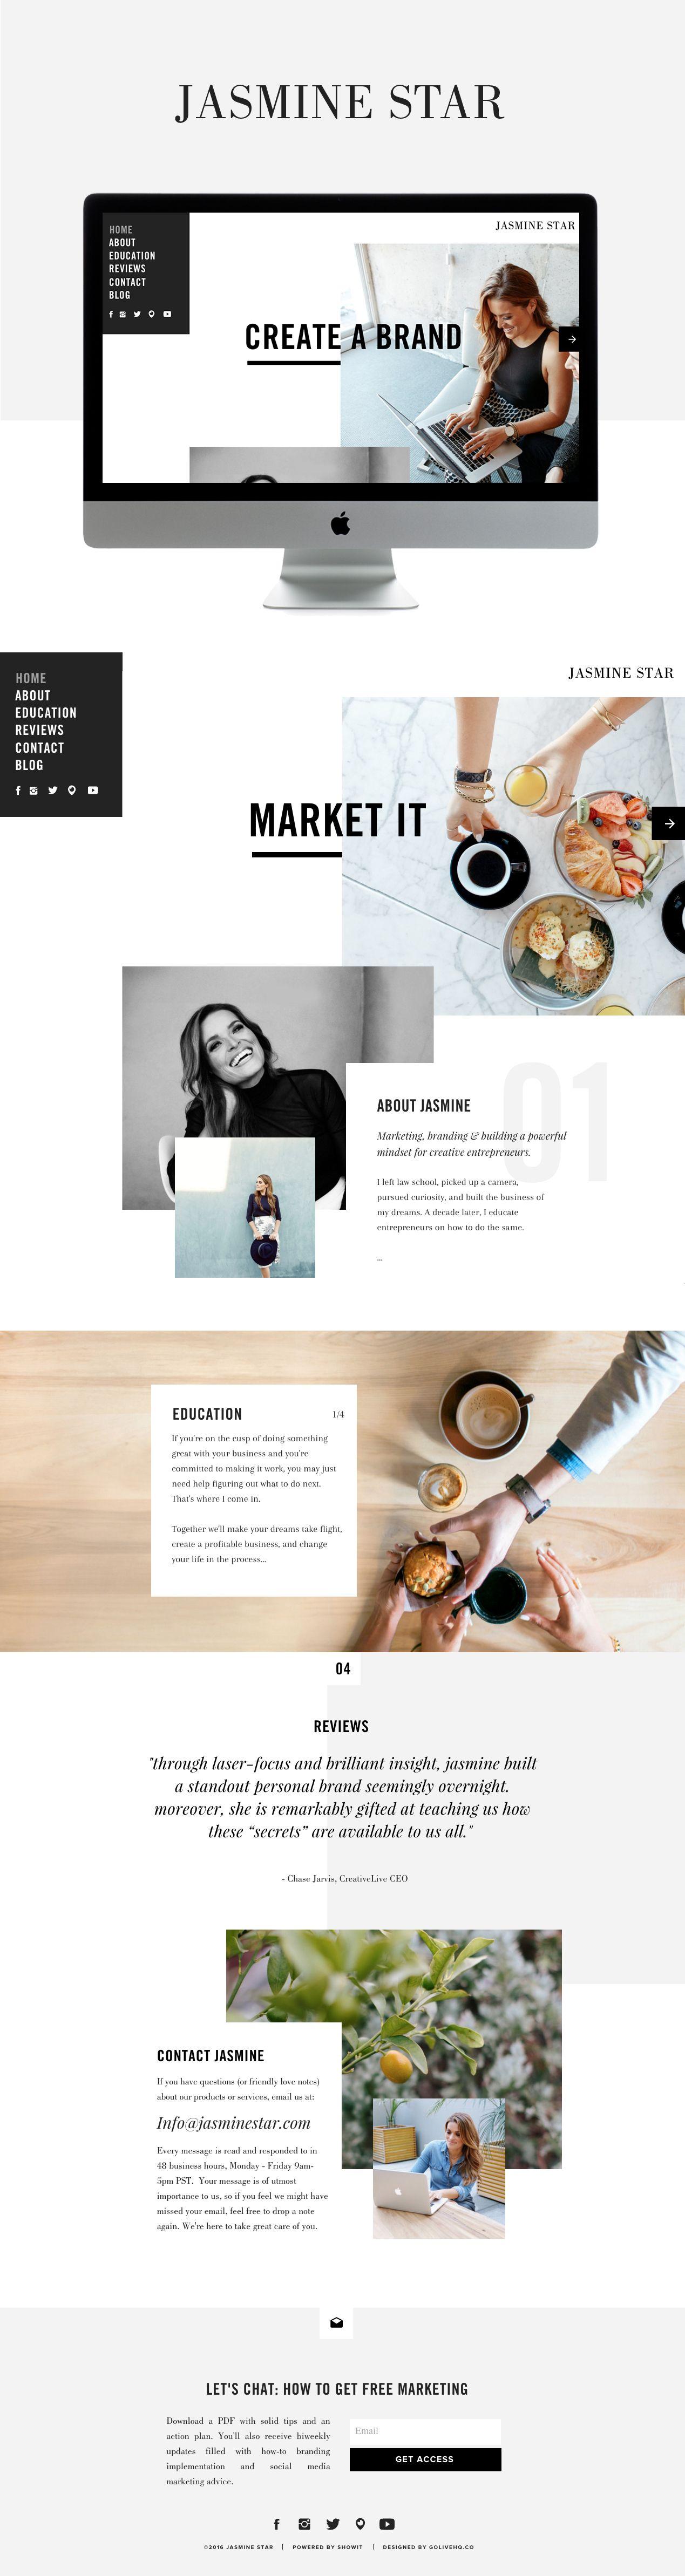 Jasmine Star Is Live On Showit Golive Squarespace Website Templates Web Design Tips Website Design Layout Web Layout Design